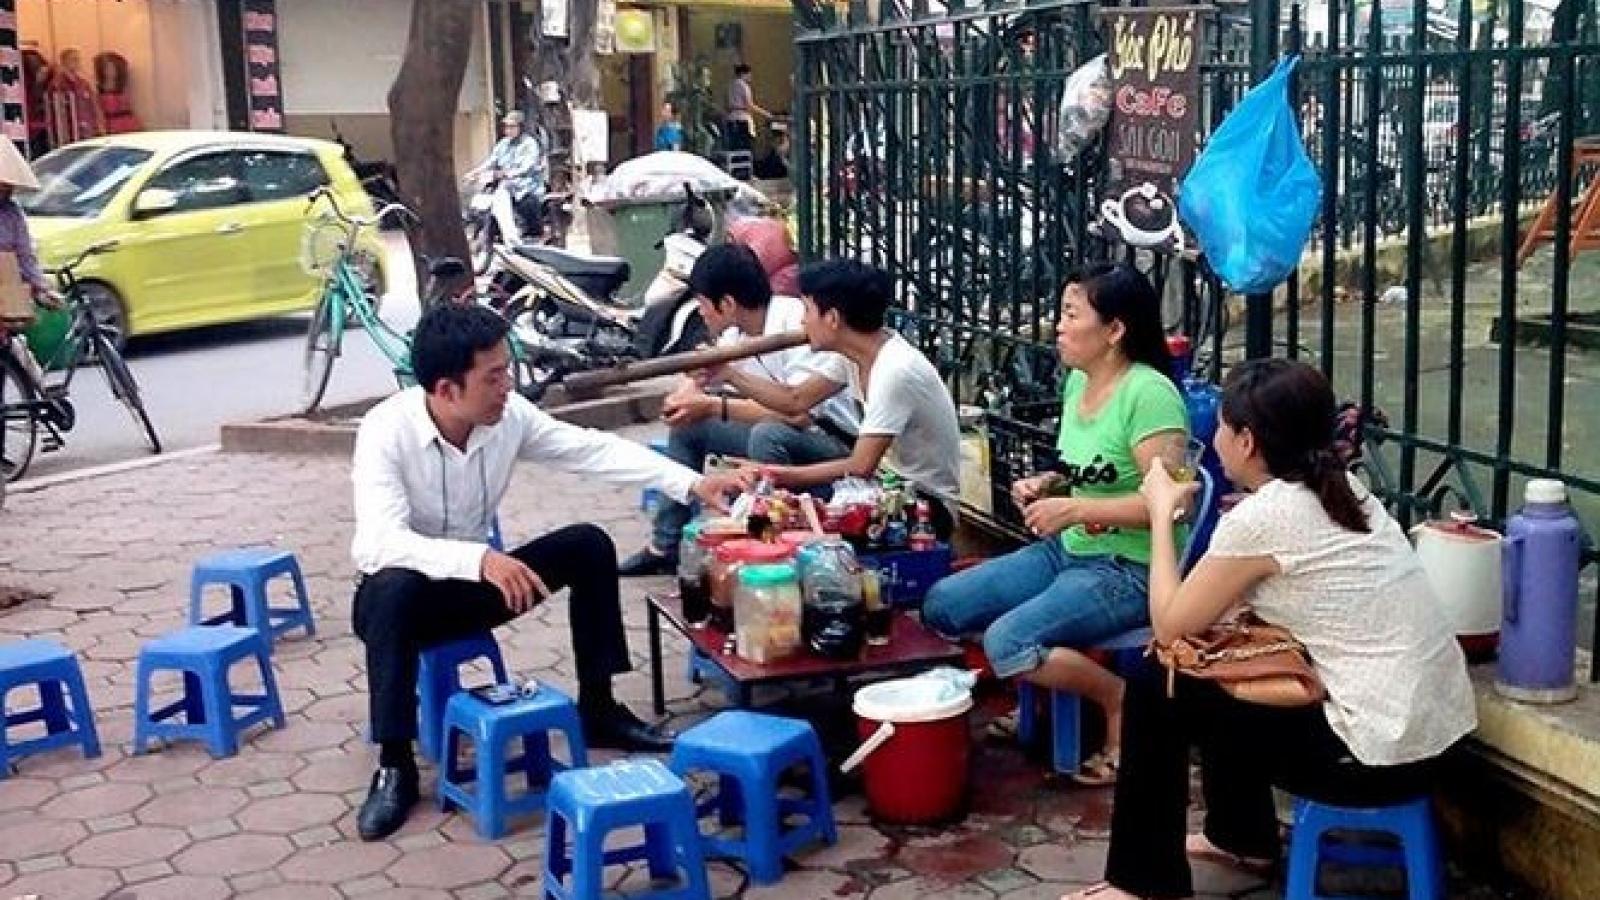 Ninh Bình tạm dừng dịch vụ tại chỗ các hàng quán ăn, uống vỉa hè từ 0h ngày 28/5